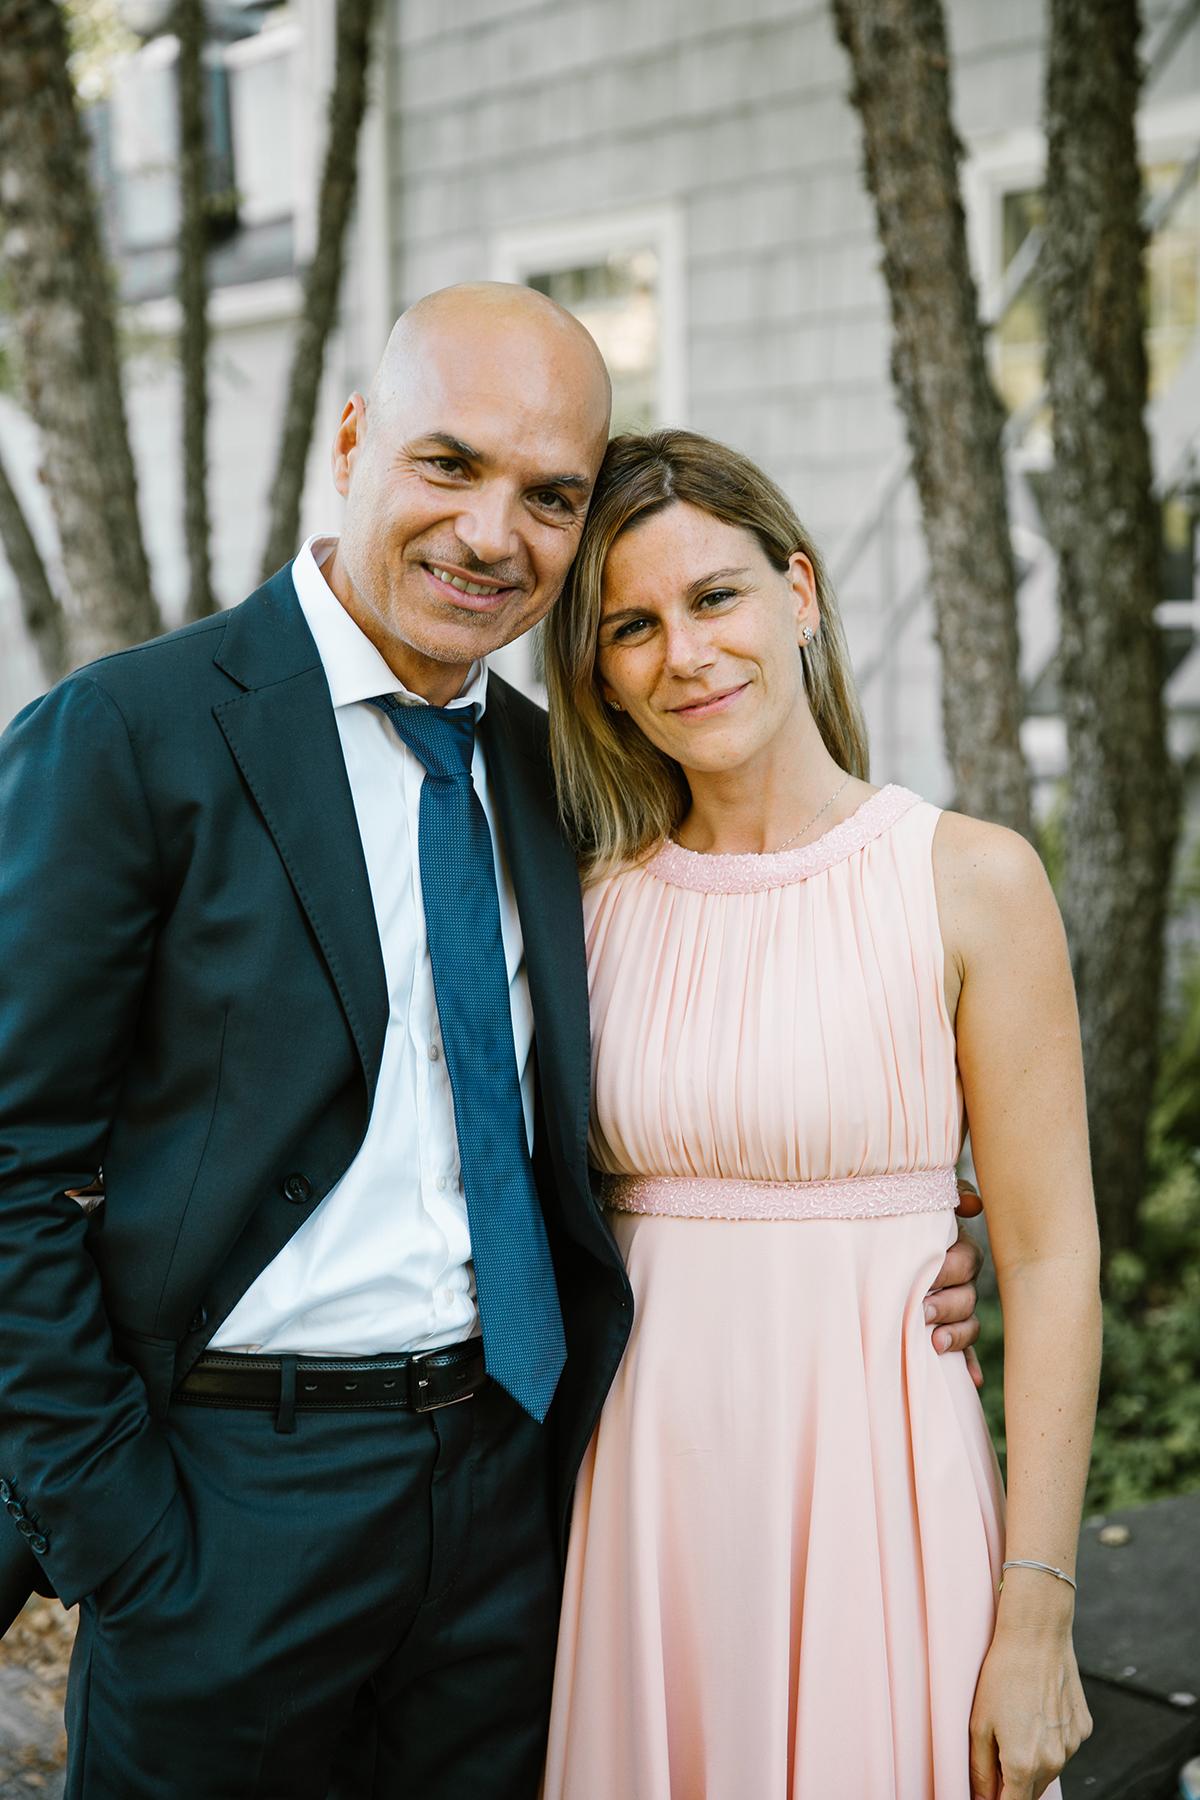 cnp2017-Dina&Daniele-0625.jpg